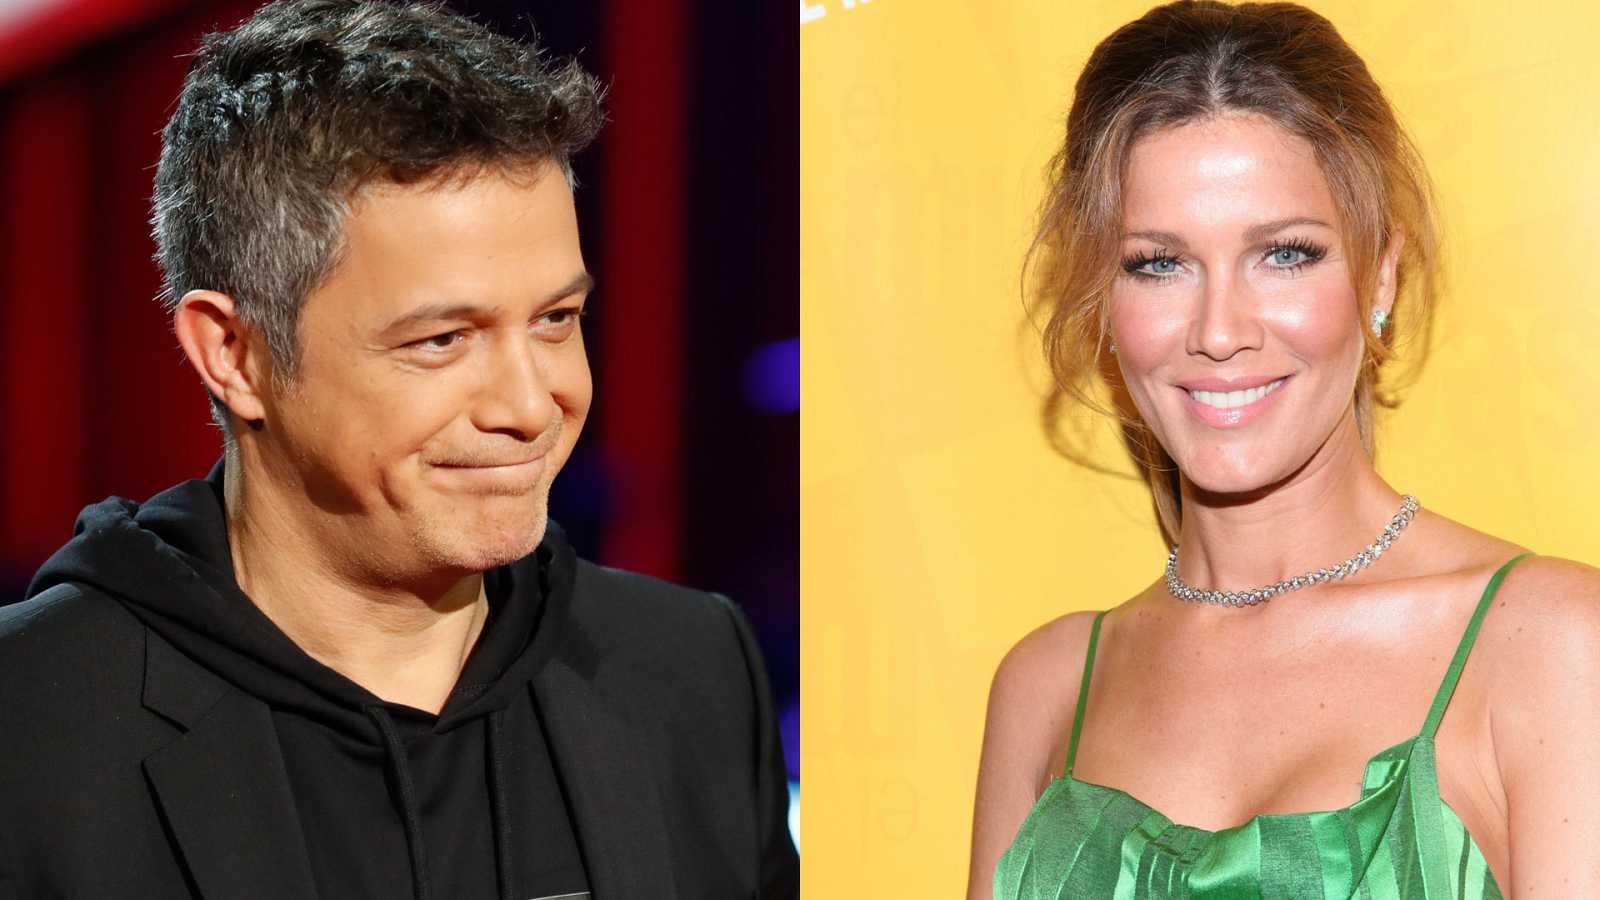 Alejandro Sanz y Jaydy Michel se despiden en redes sociales del padre de la modelo mexicana